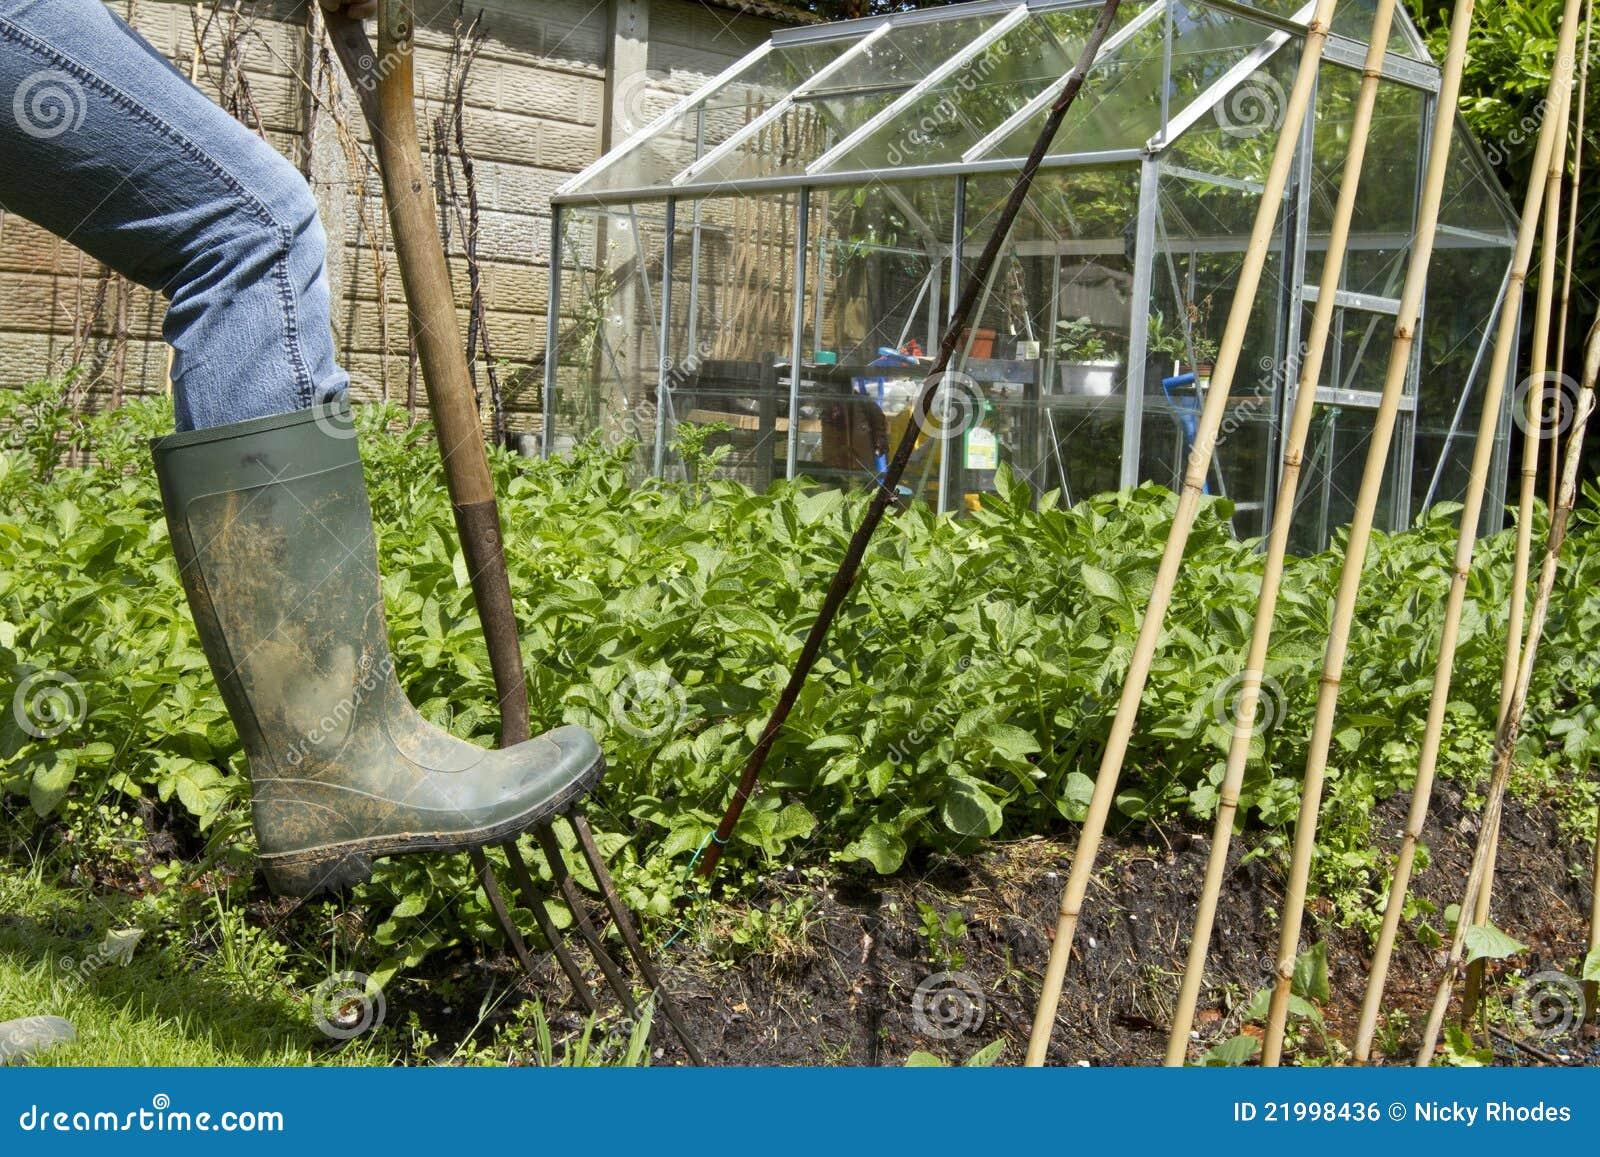 Grabungen im Garten mit Heugabel